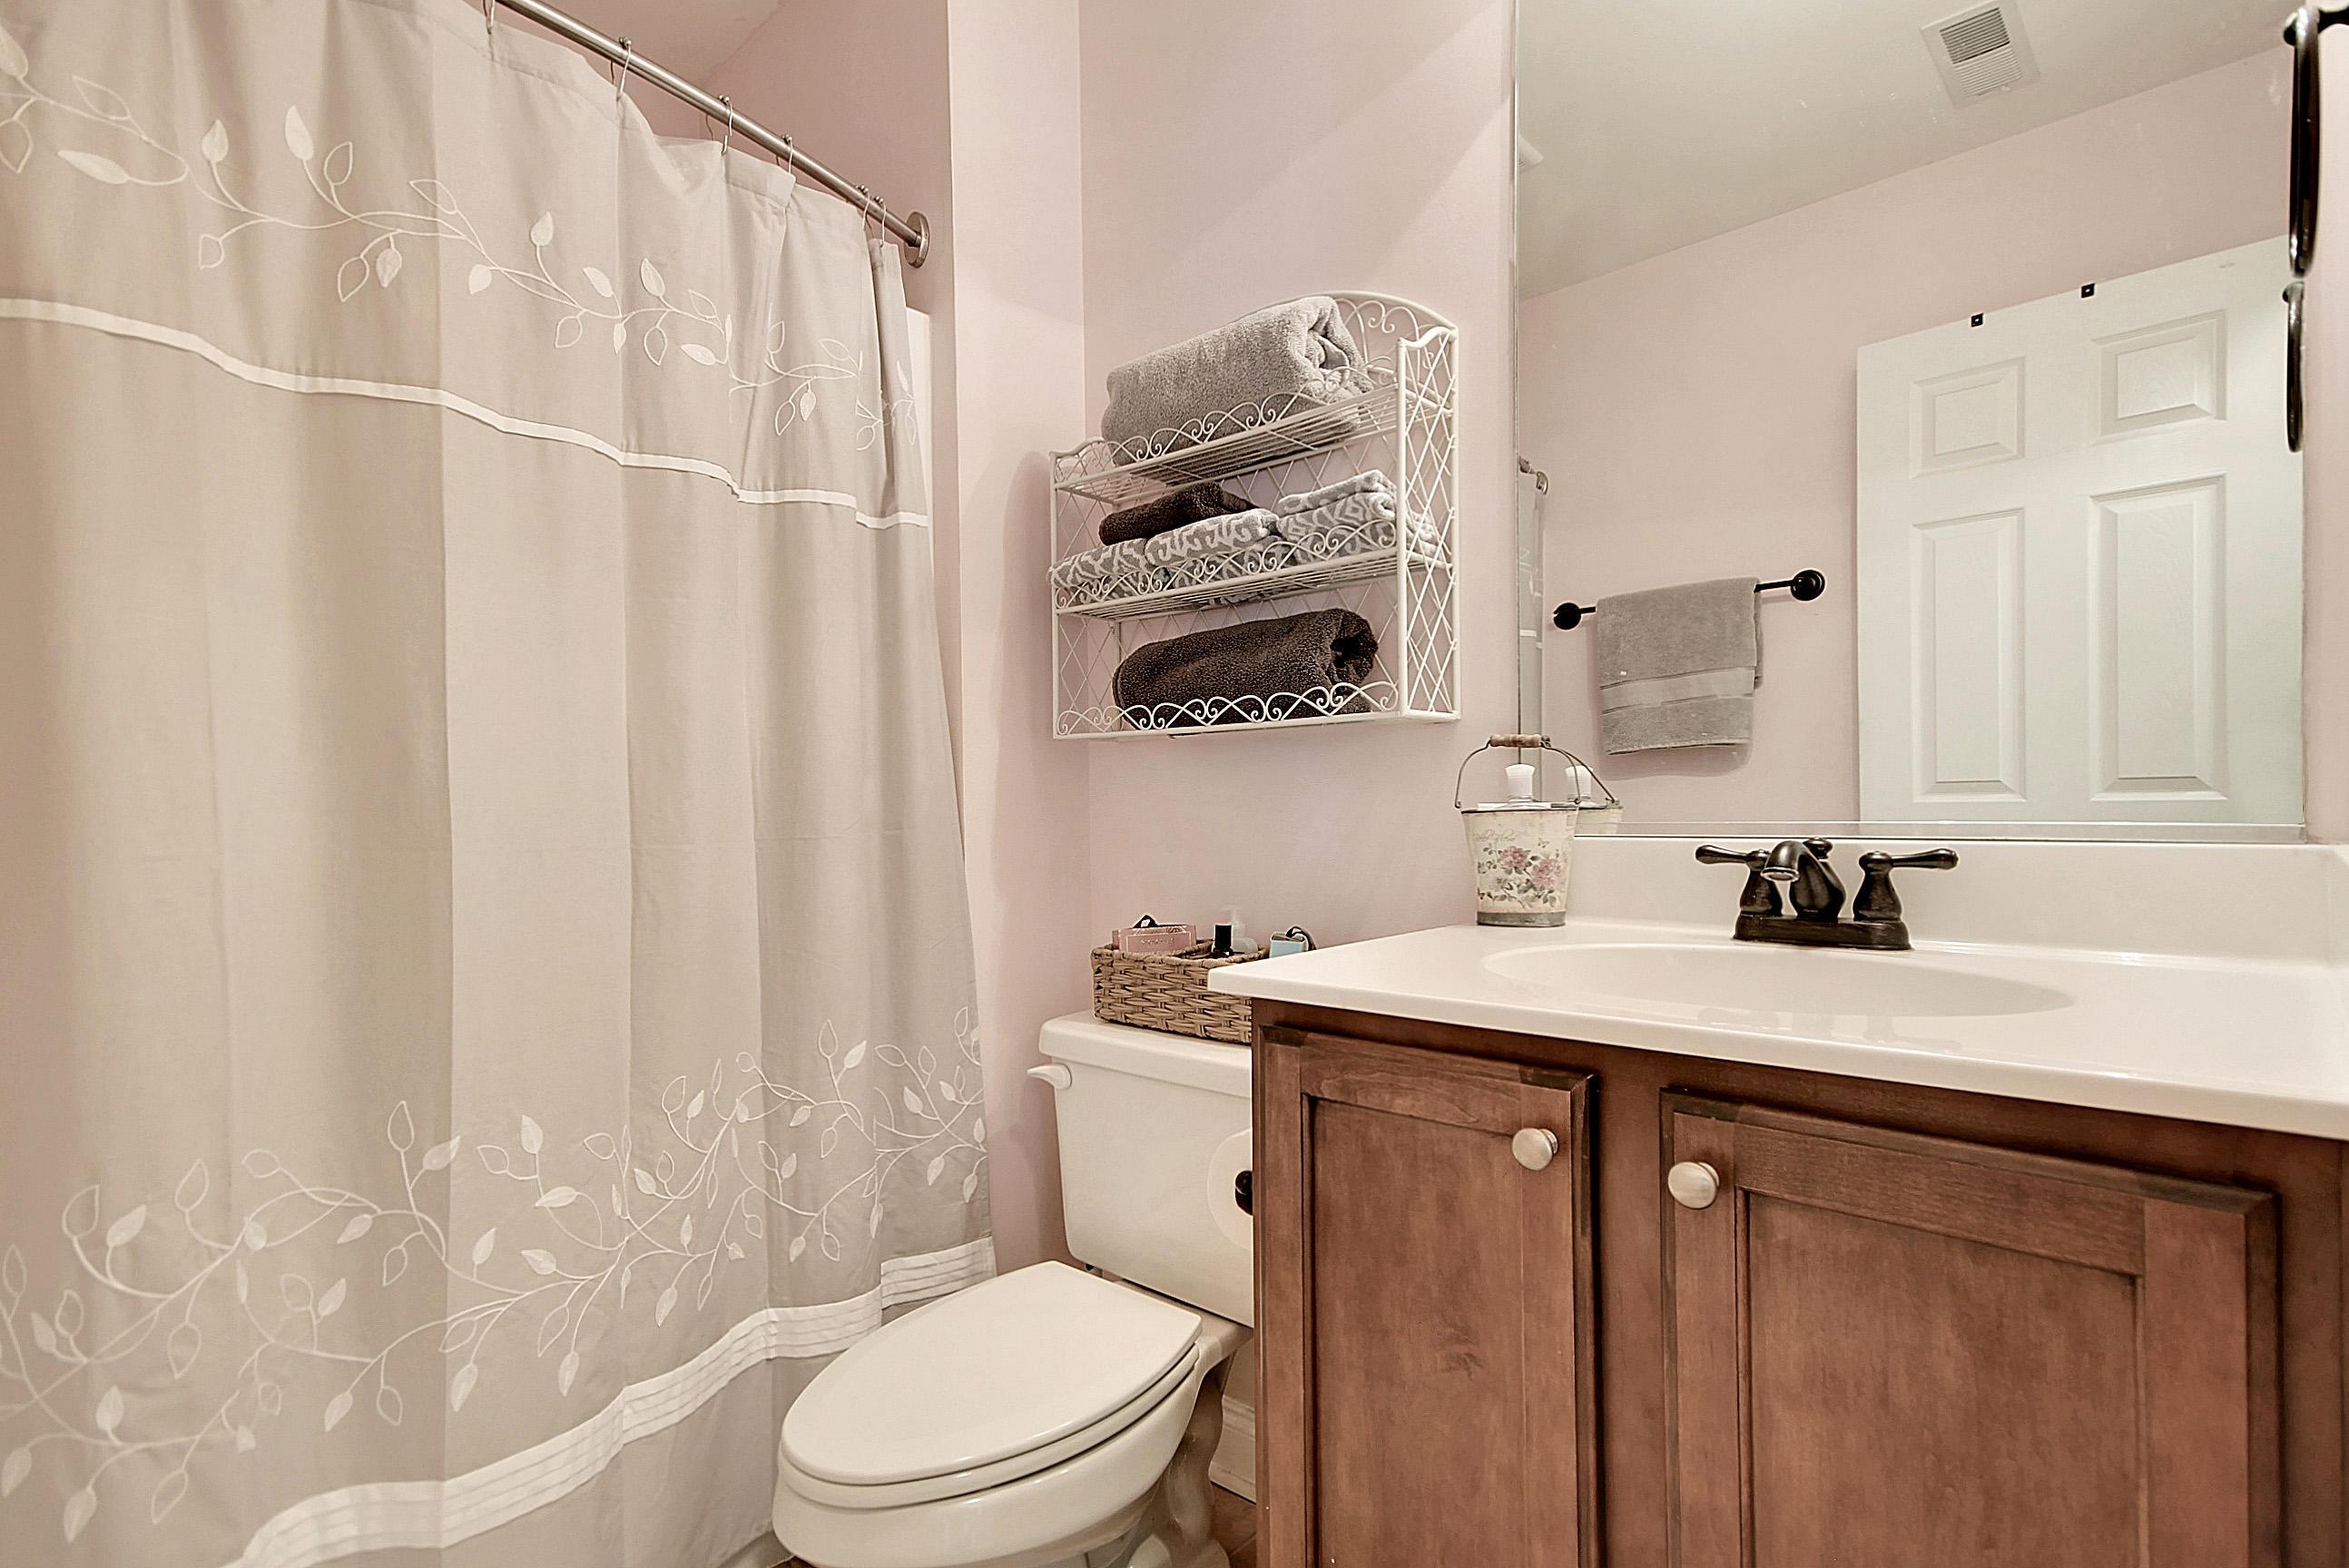 Park West Homes For Sale - 3624 Bagley, Mount Pleasant, SC - 13